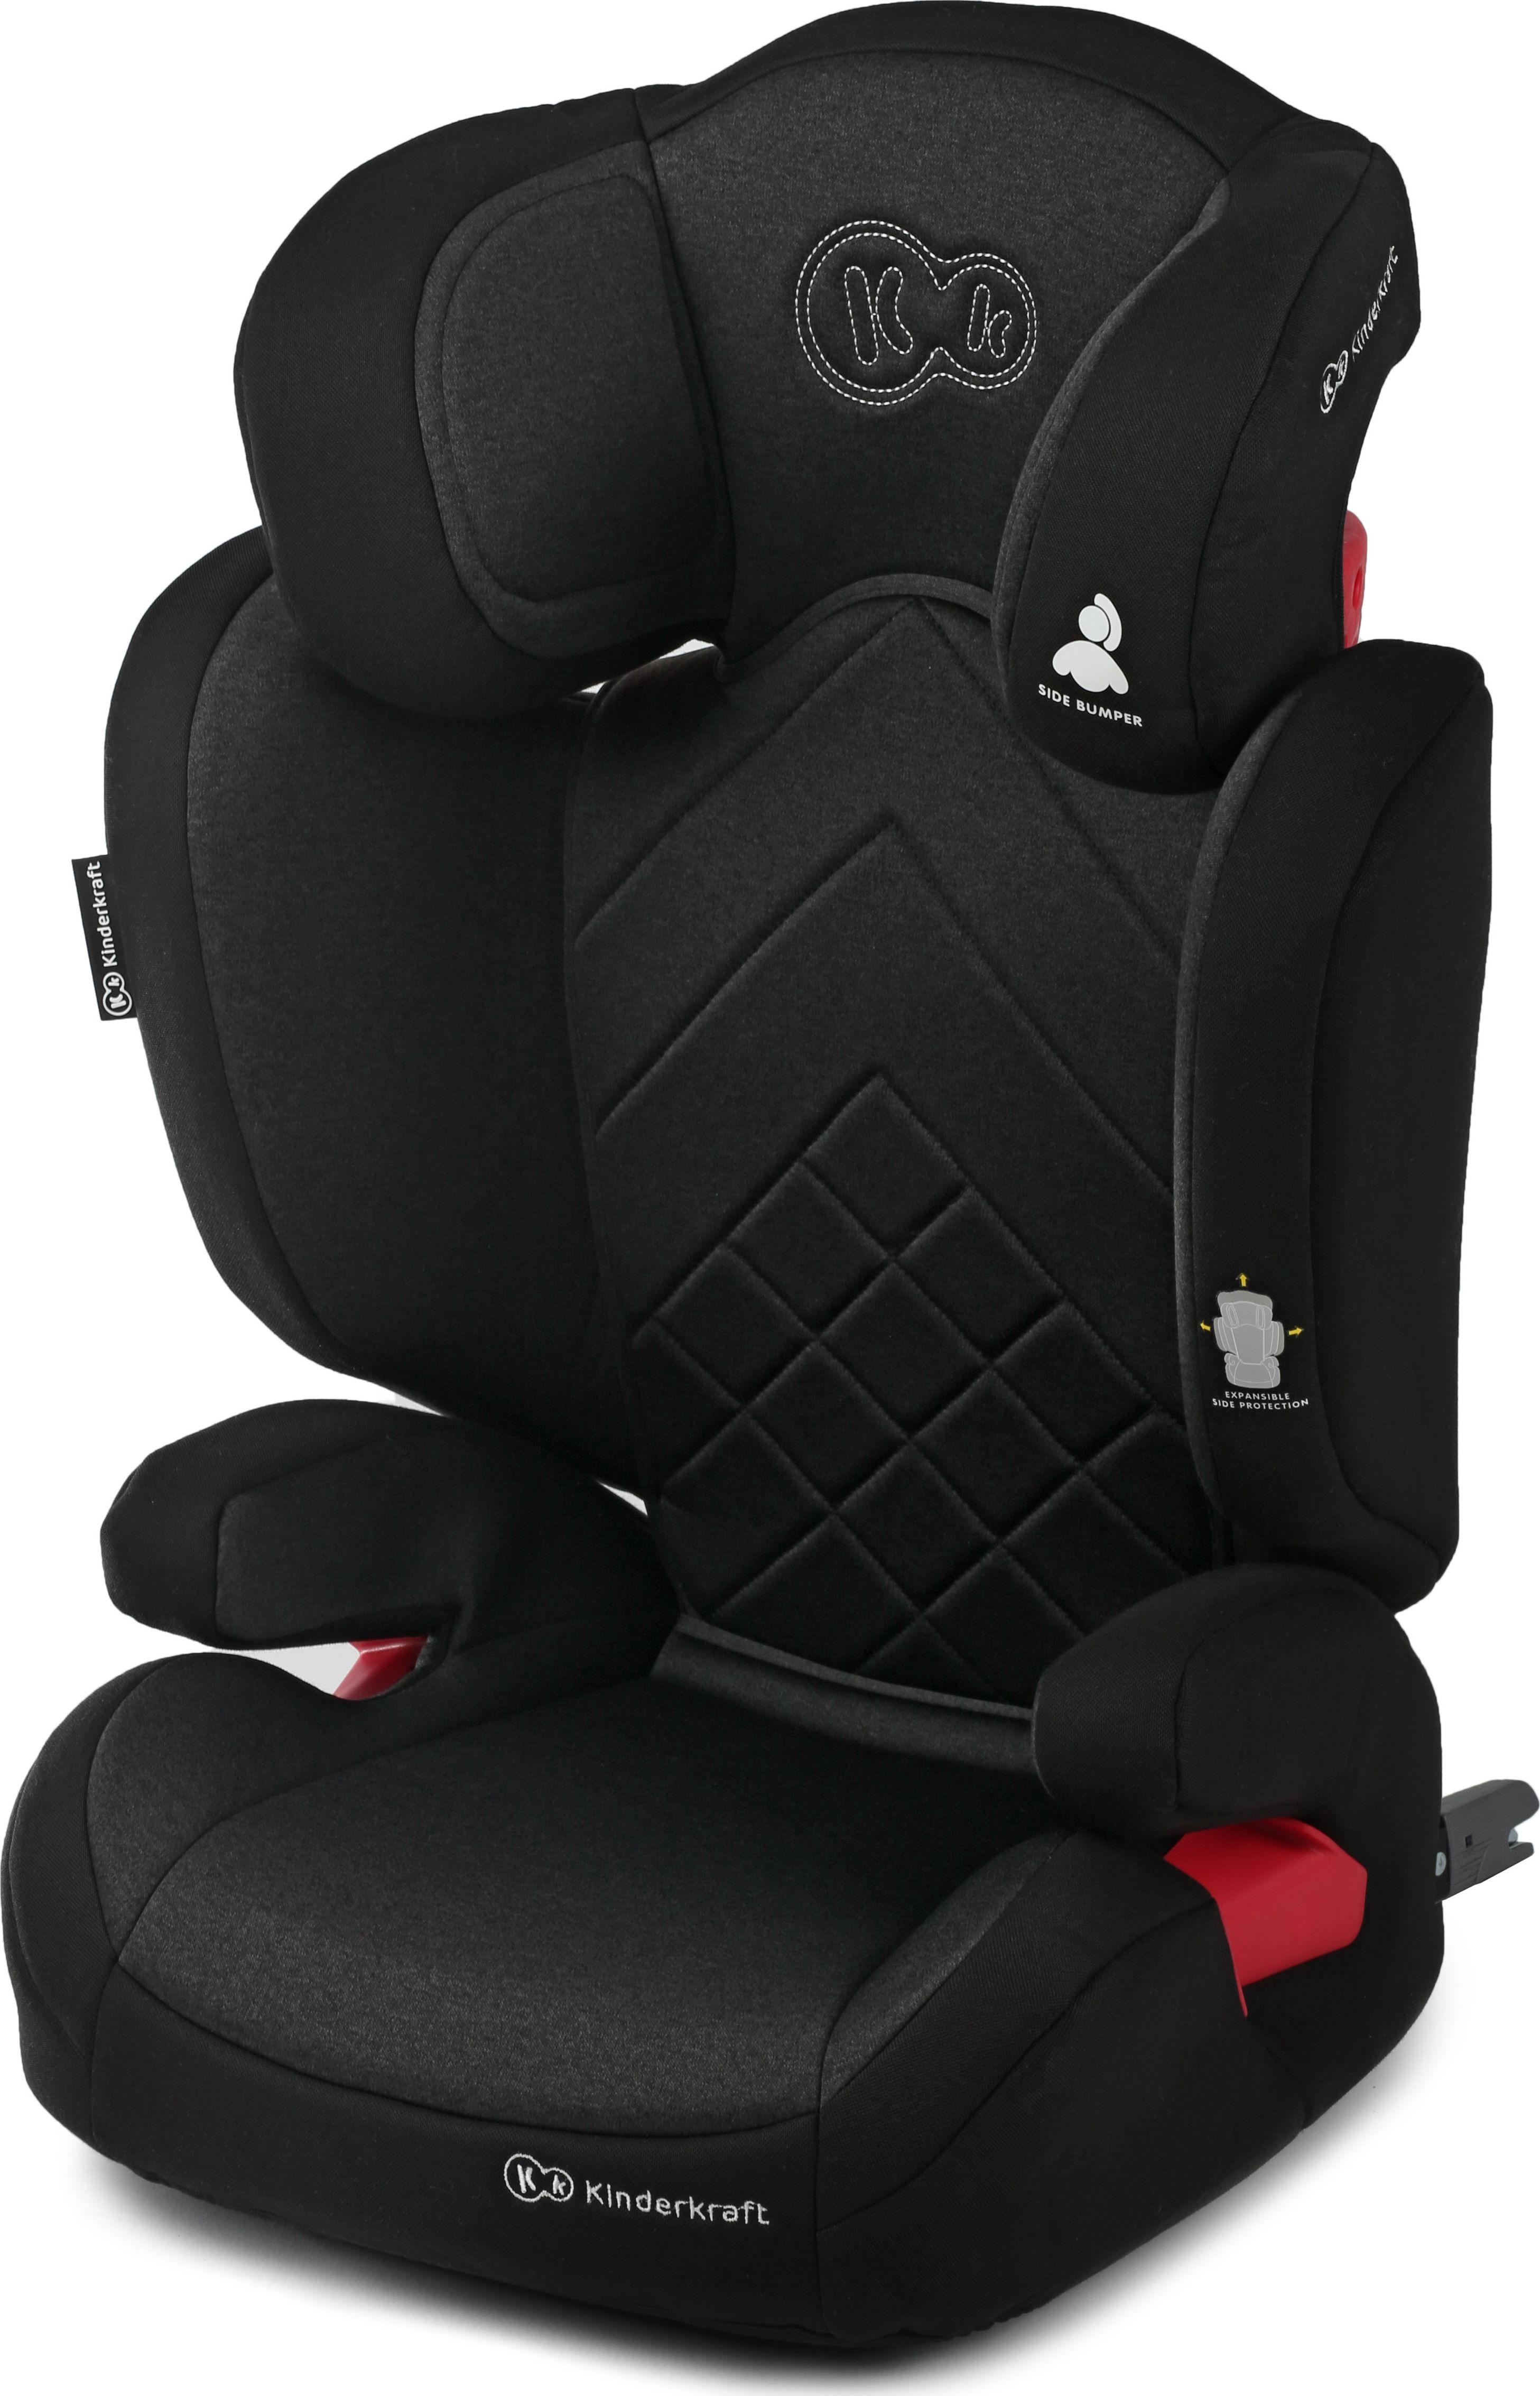 KinderKraft Xpand KKFXPANBLK0000 (ISOFIX, Seat belts; 15 - 36 kg; black color) auto bērnu sēdeklītis